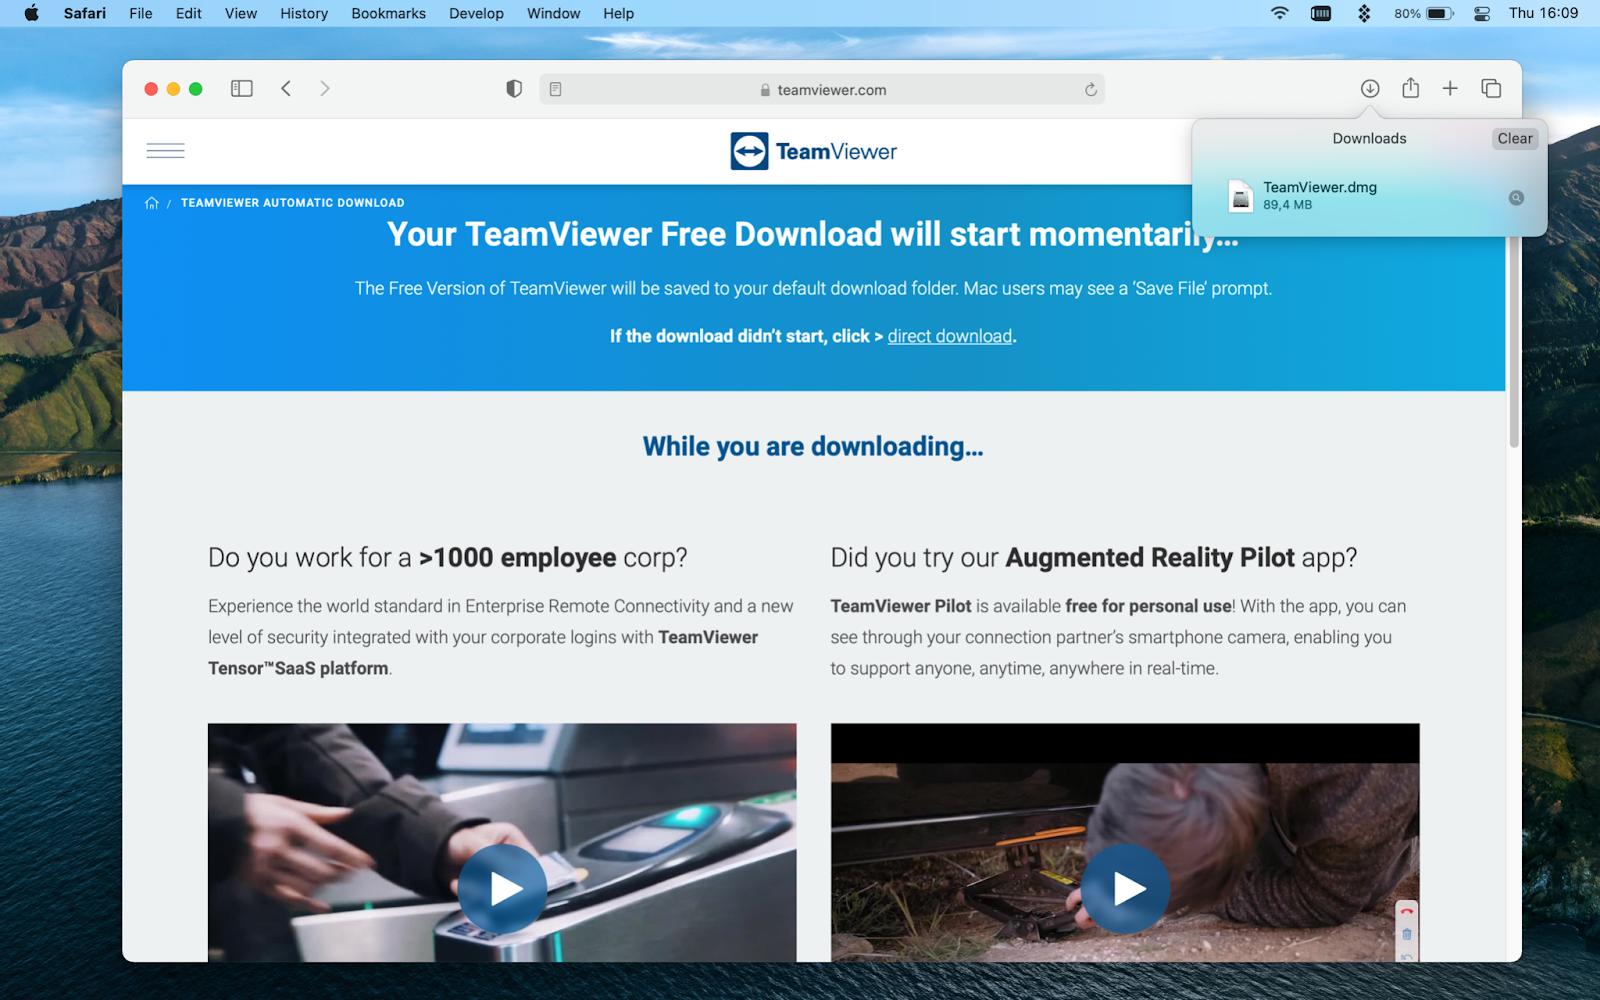 teamviewer-download